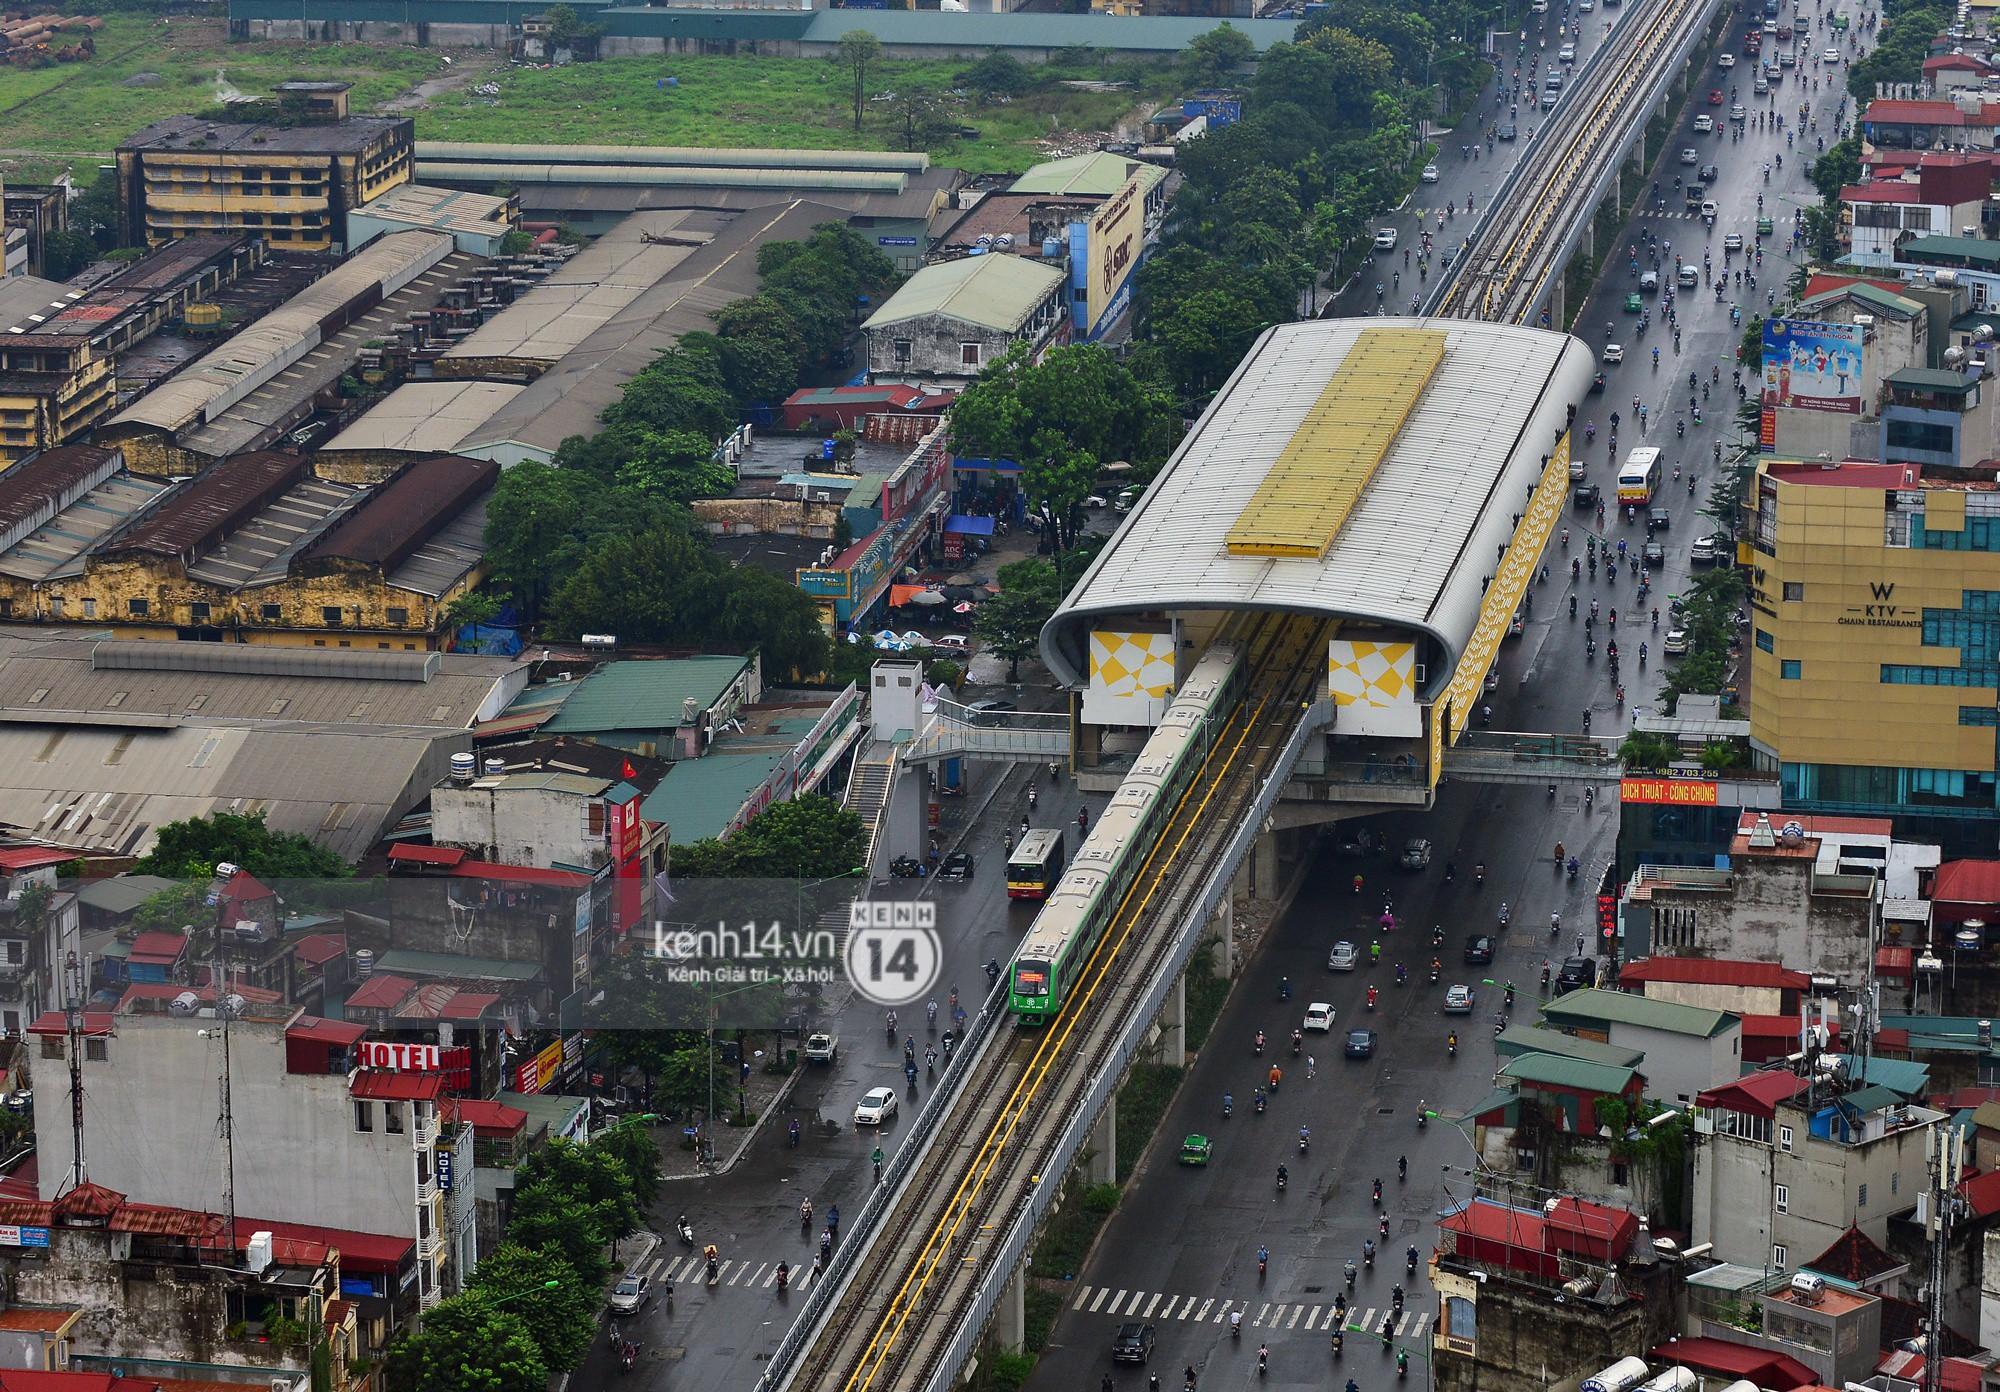 Ảnh, clip: 4 đoàn tàu đường sắt trên cao bất ngờ di chuyển trong mưa trước ngày chạy thử - Ảnh 3.